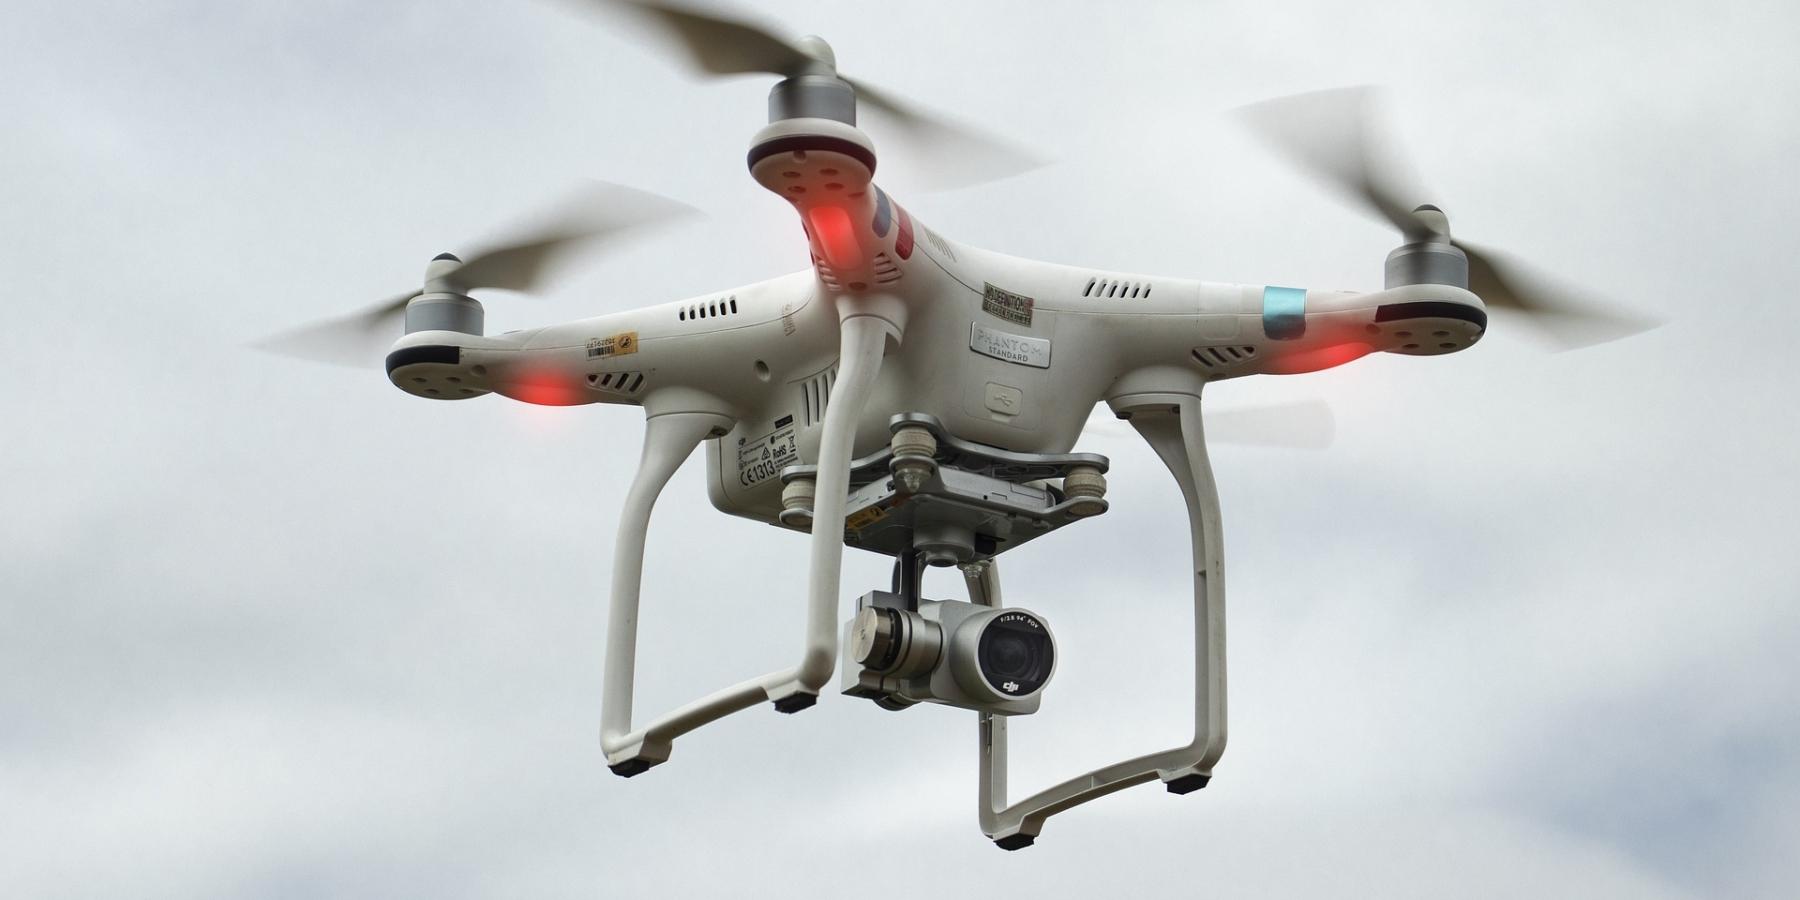 Dron latający nadgłowami klientów, będzie zliczał towary napółkach